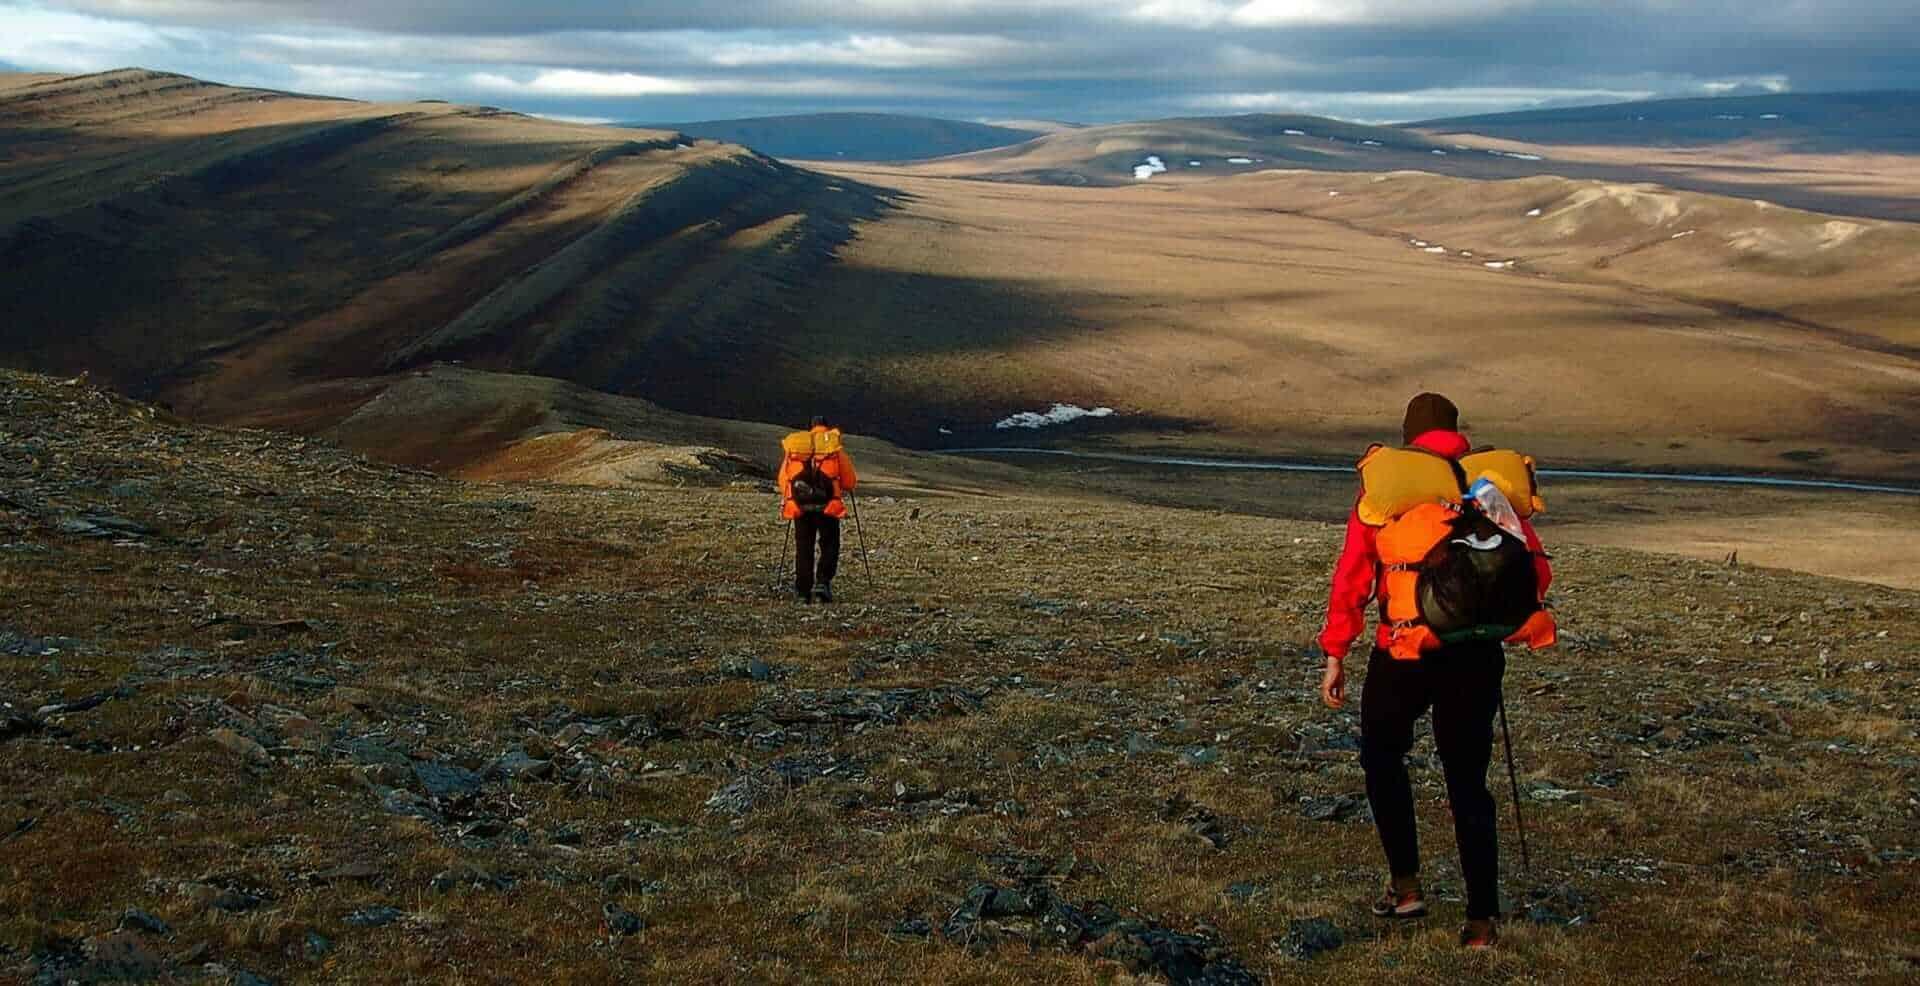 Hiking men